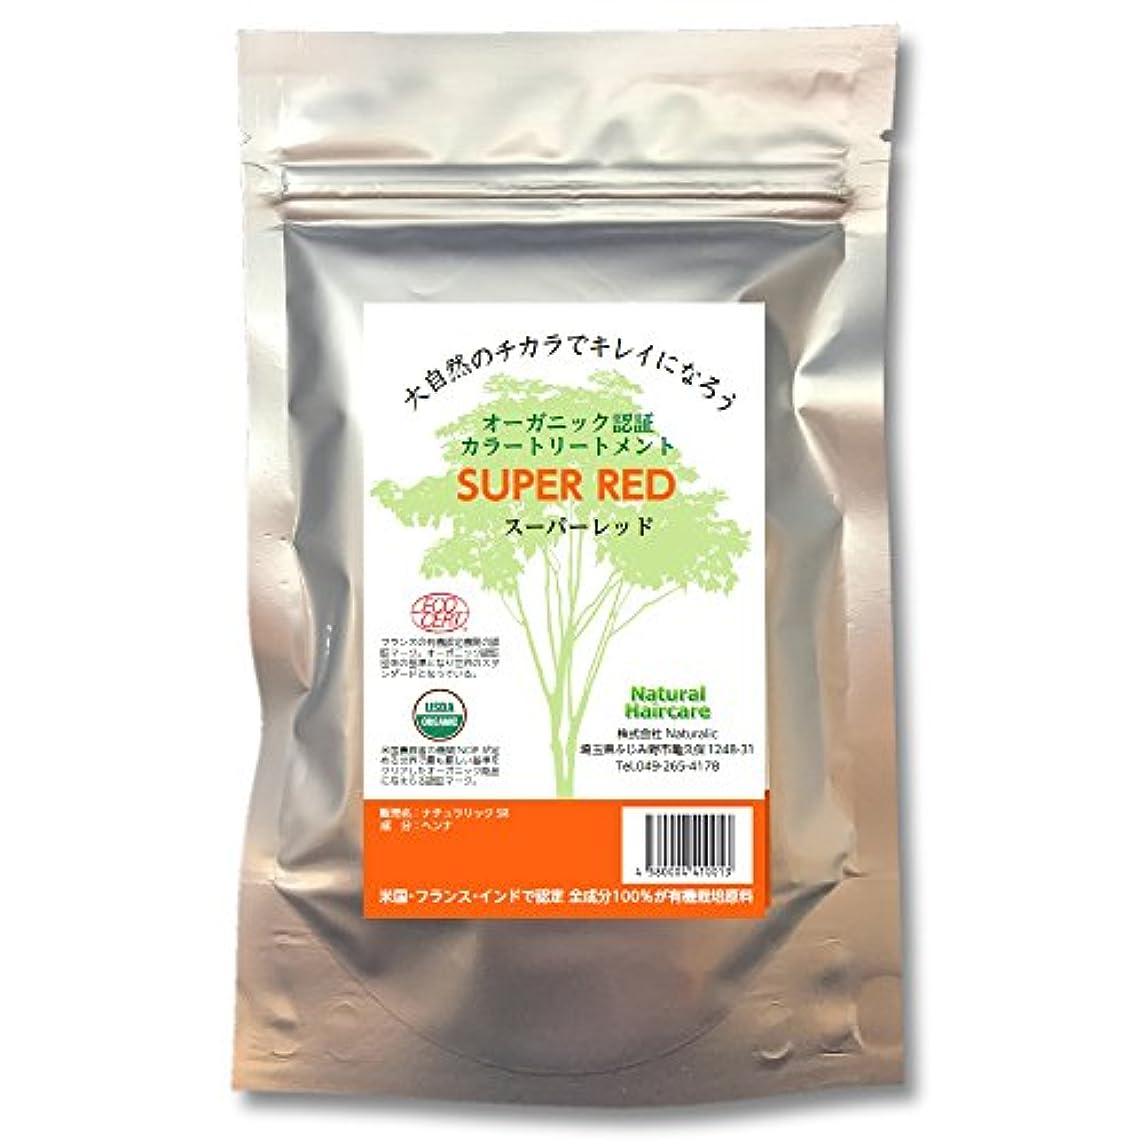 ために性的一掃するナチュラルヘアケア スーパーレッド 世界3カ国オーガニック機関認証済み 100%天然植物 ヘナ 濃いオレンジ色